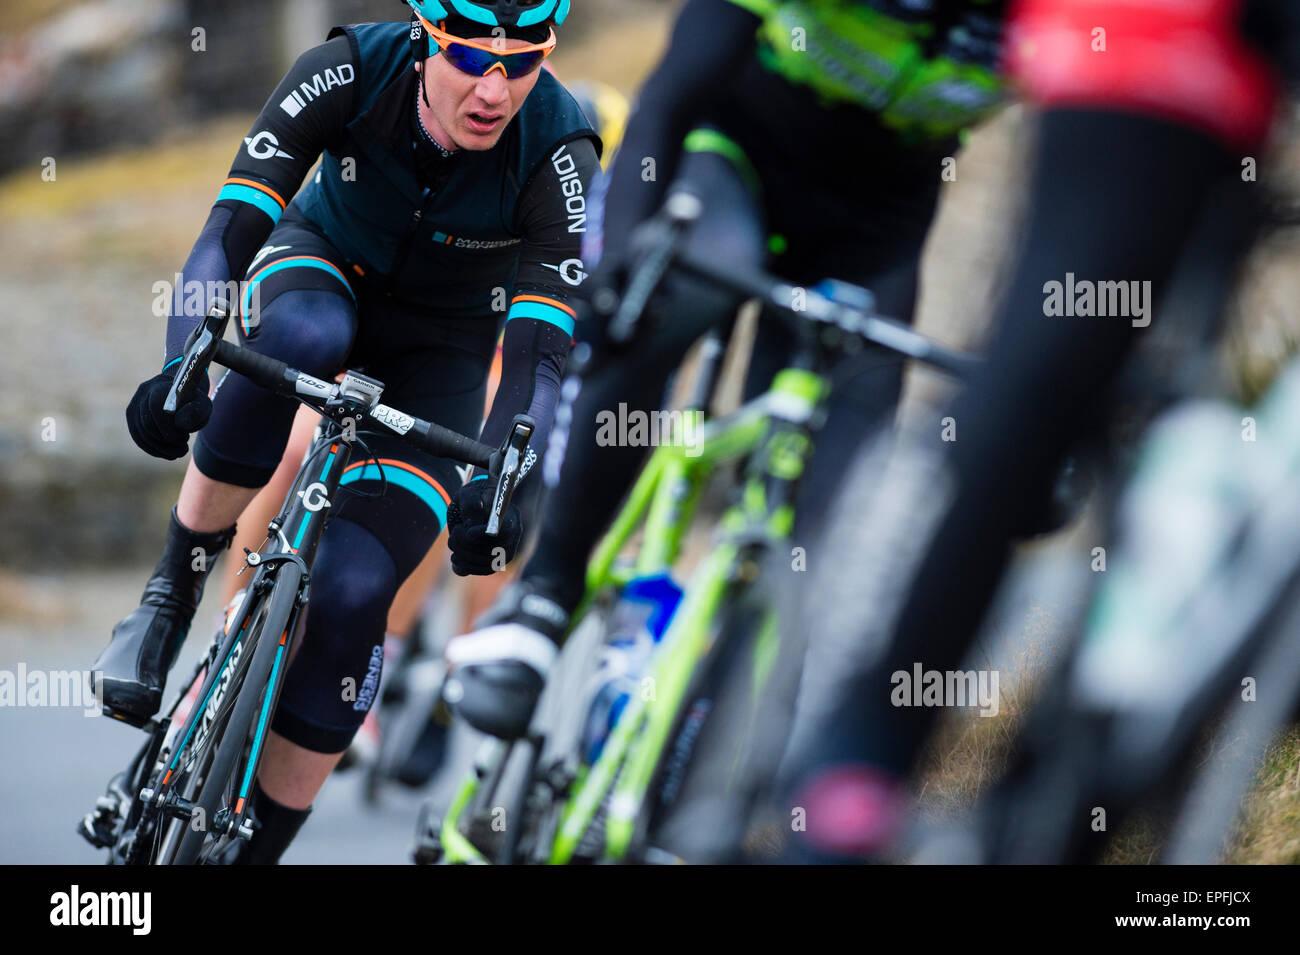 Männliche Radfahrer in einem wettbewerbsfähigen professionellen Radsport Radrennen, UK Stockbild